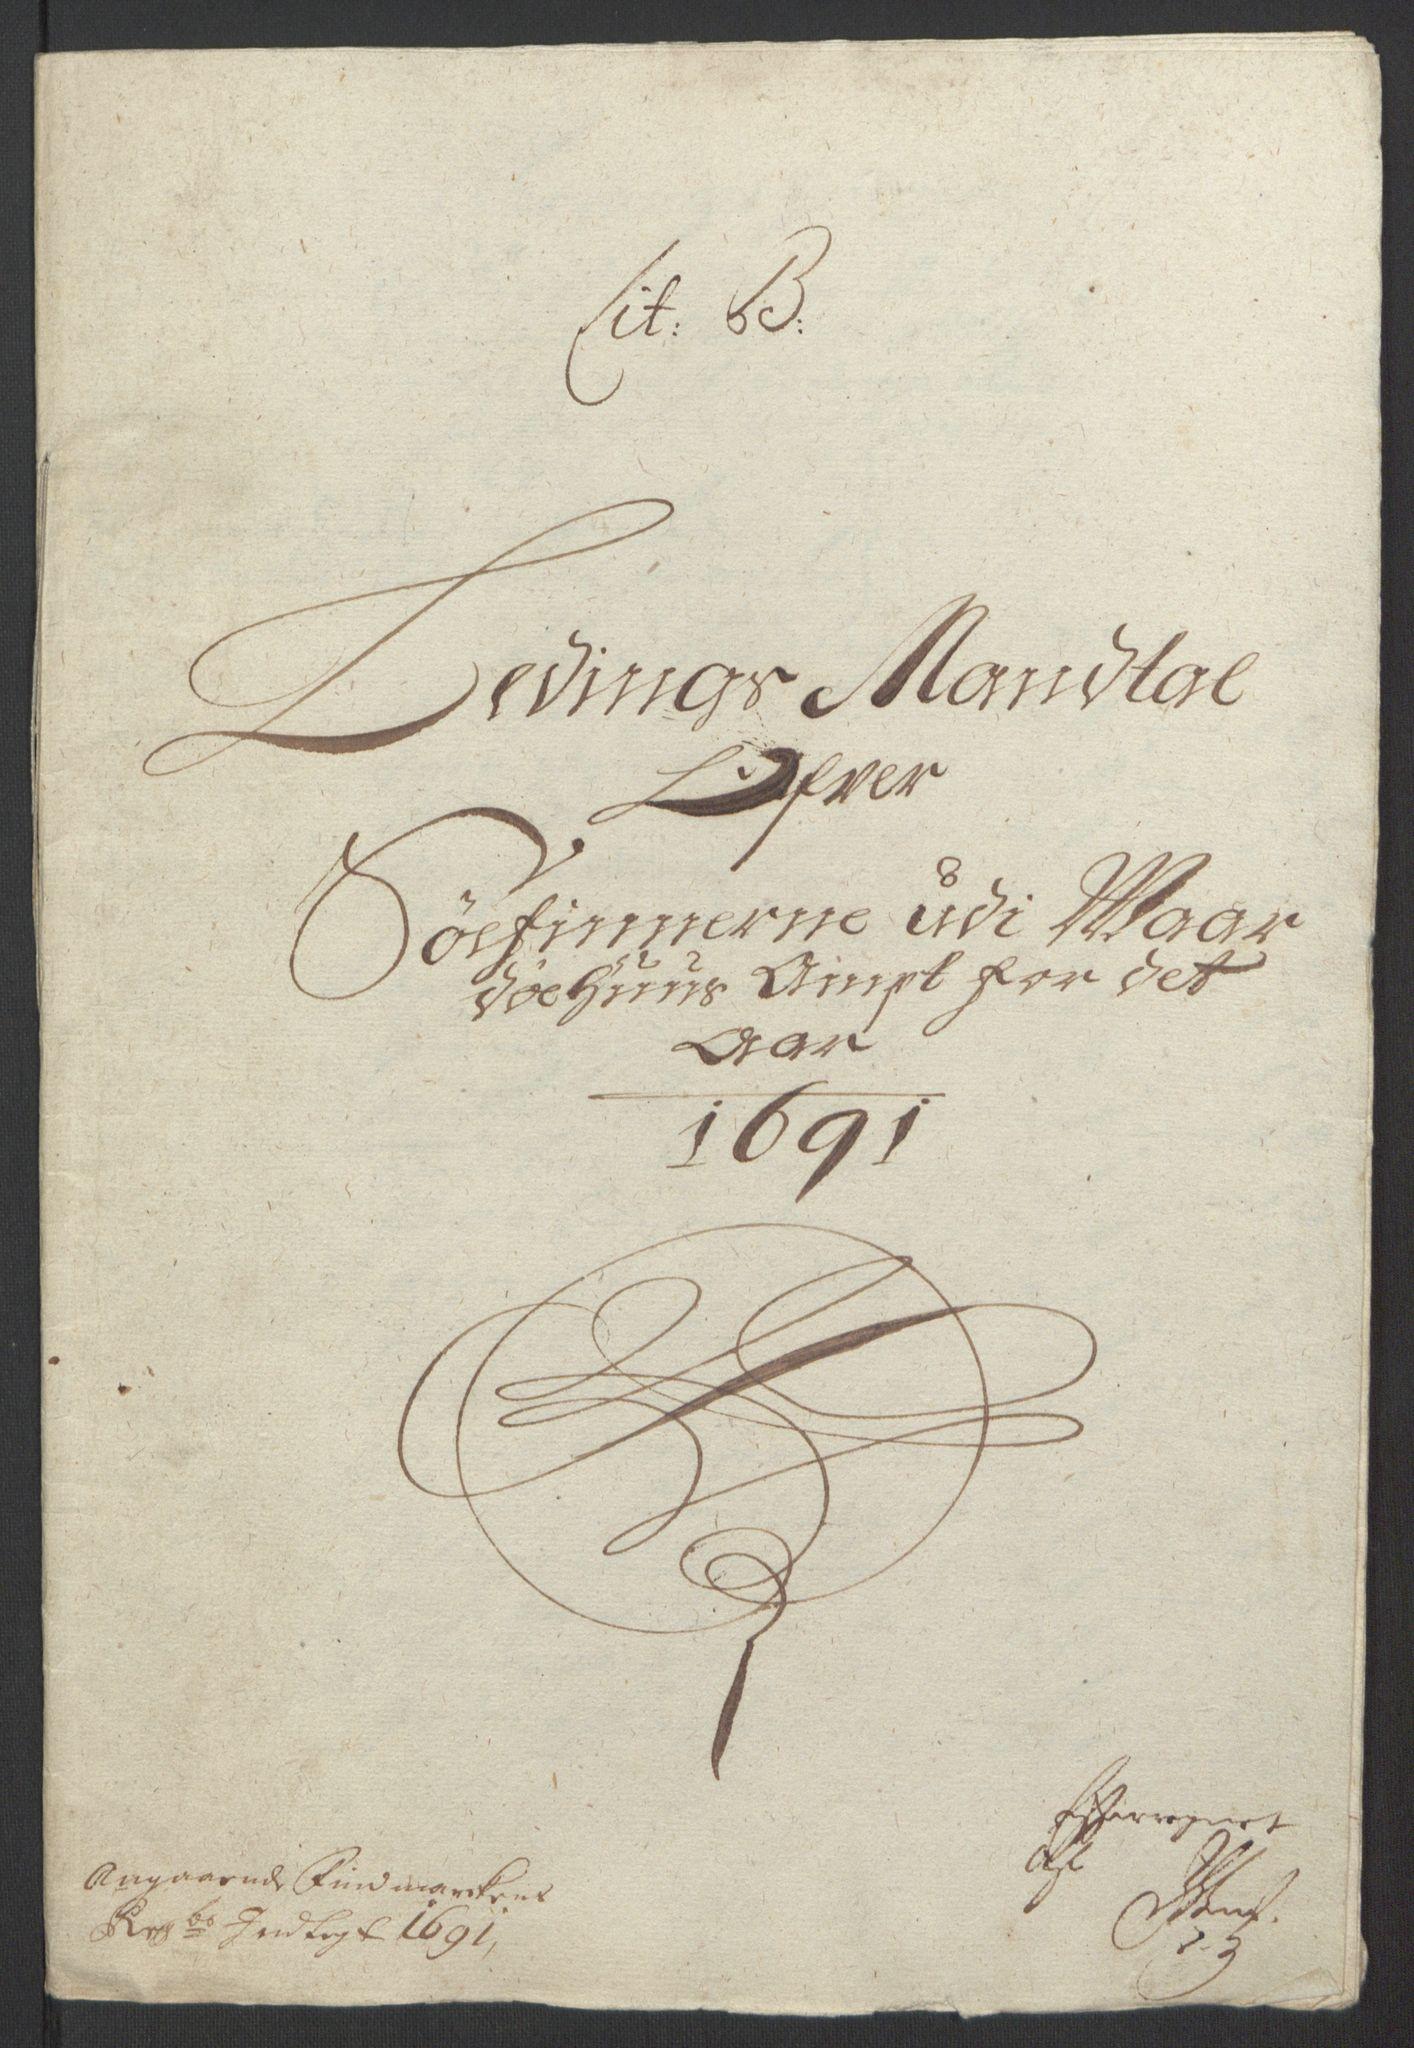 RA, Rentekammeret inntil 1814, Reviderte regnskaper, Fogderegnskap, R69/L4851: Fogderegnskap Finnmark/Vardøhus, 1691-1700, s. 24